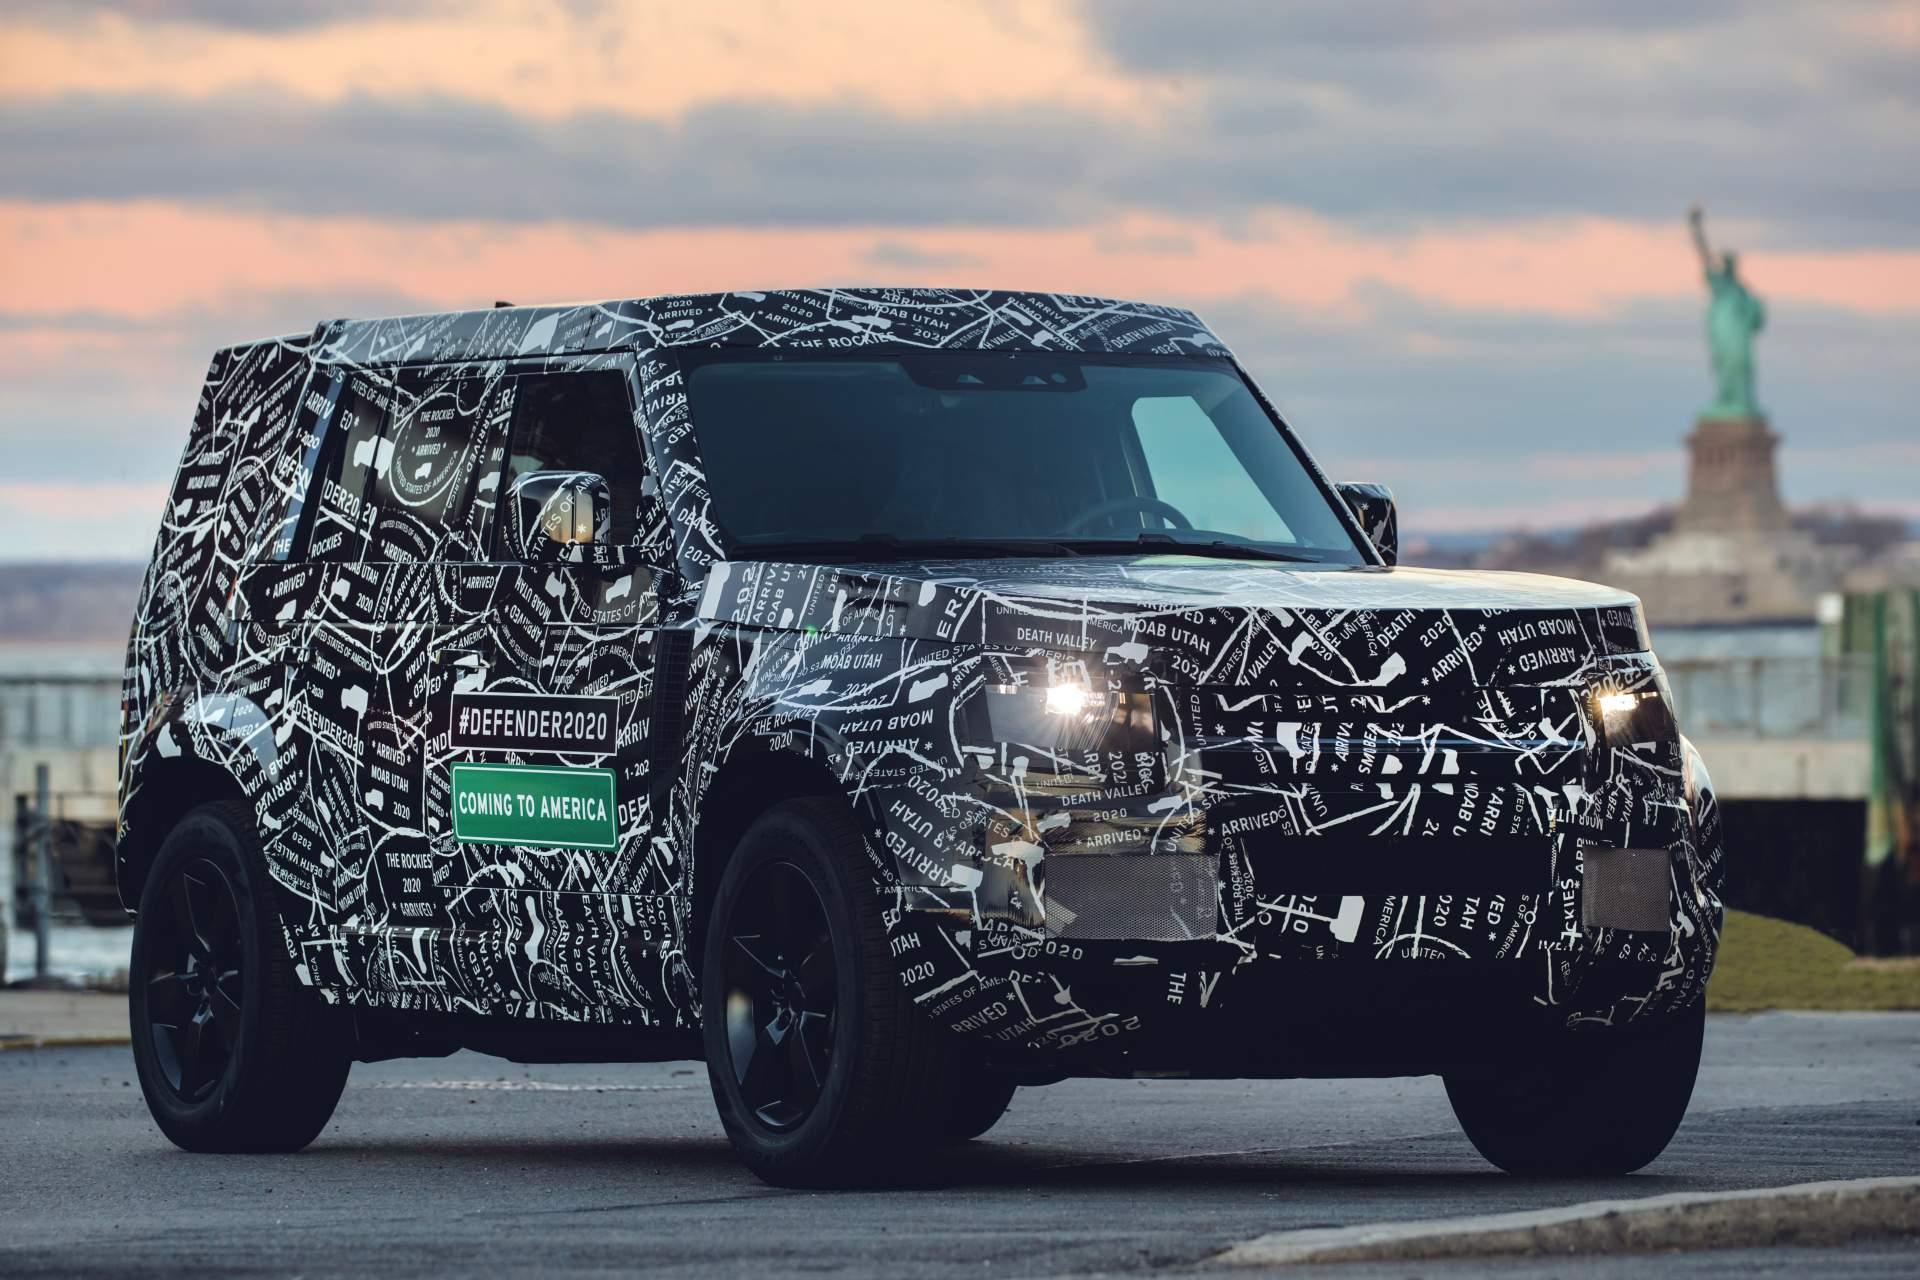 Confirmado: Land Rover Defender lançado em setembro e entregas em 2020